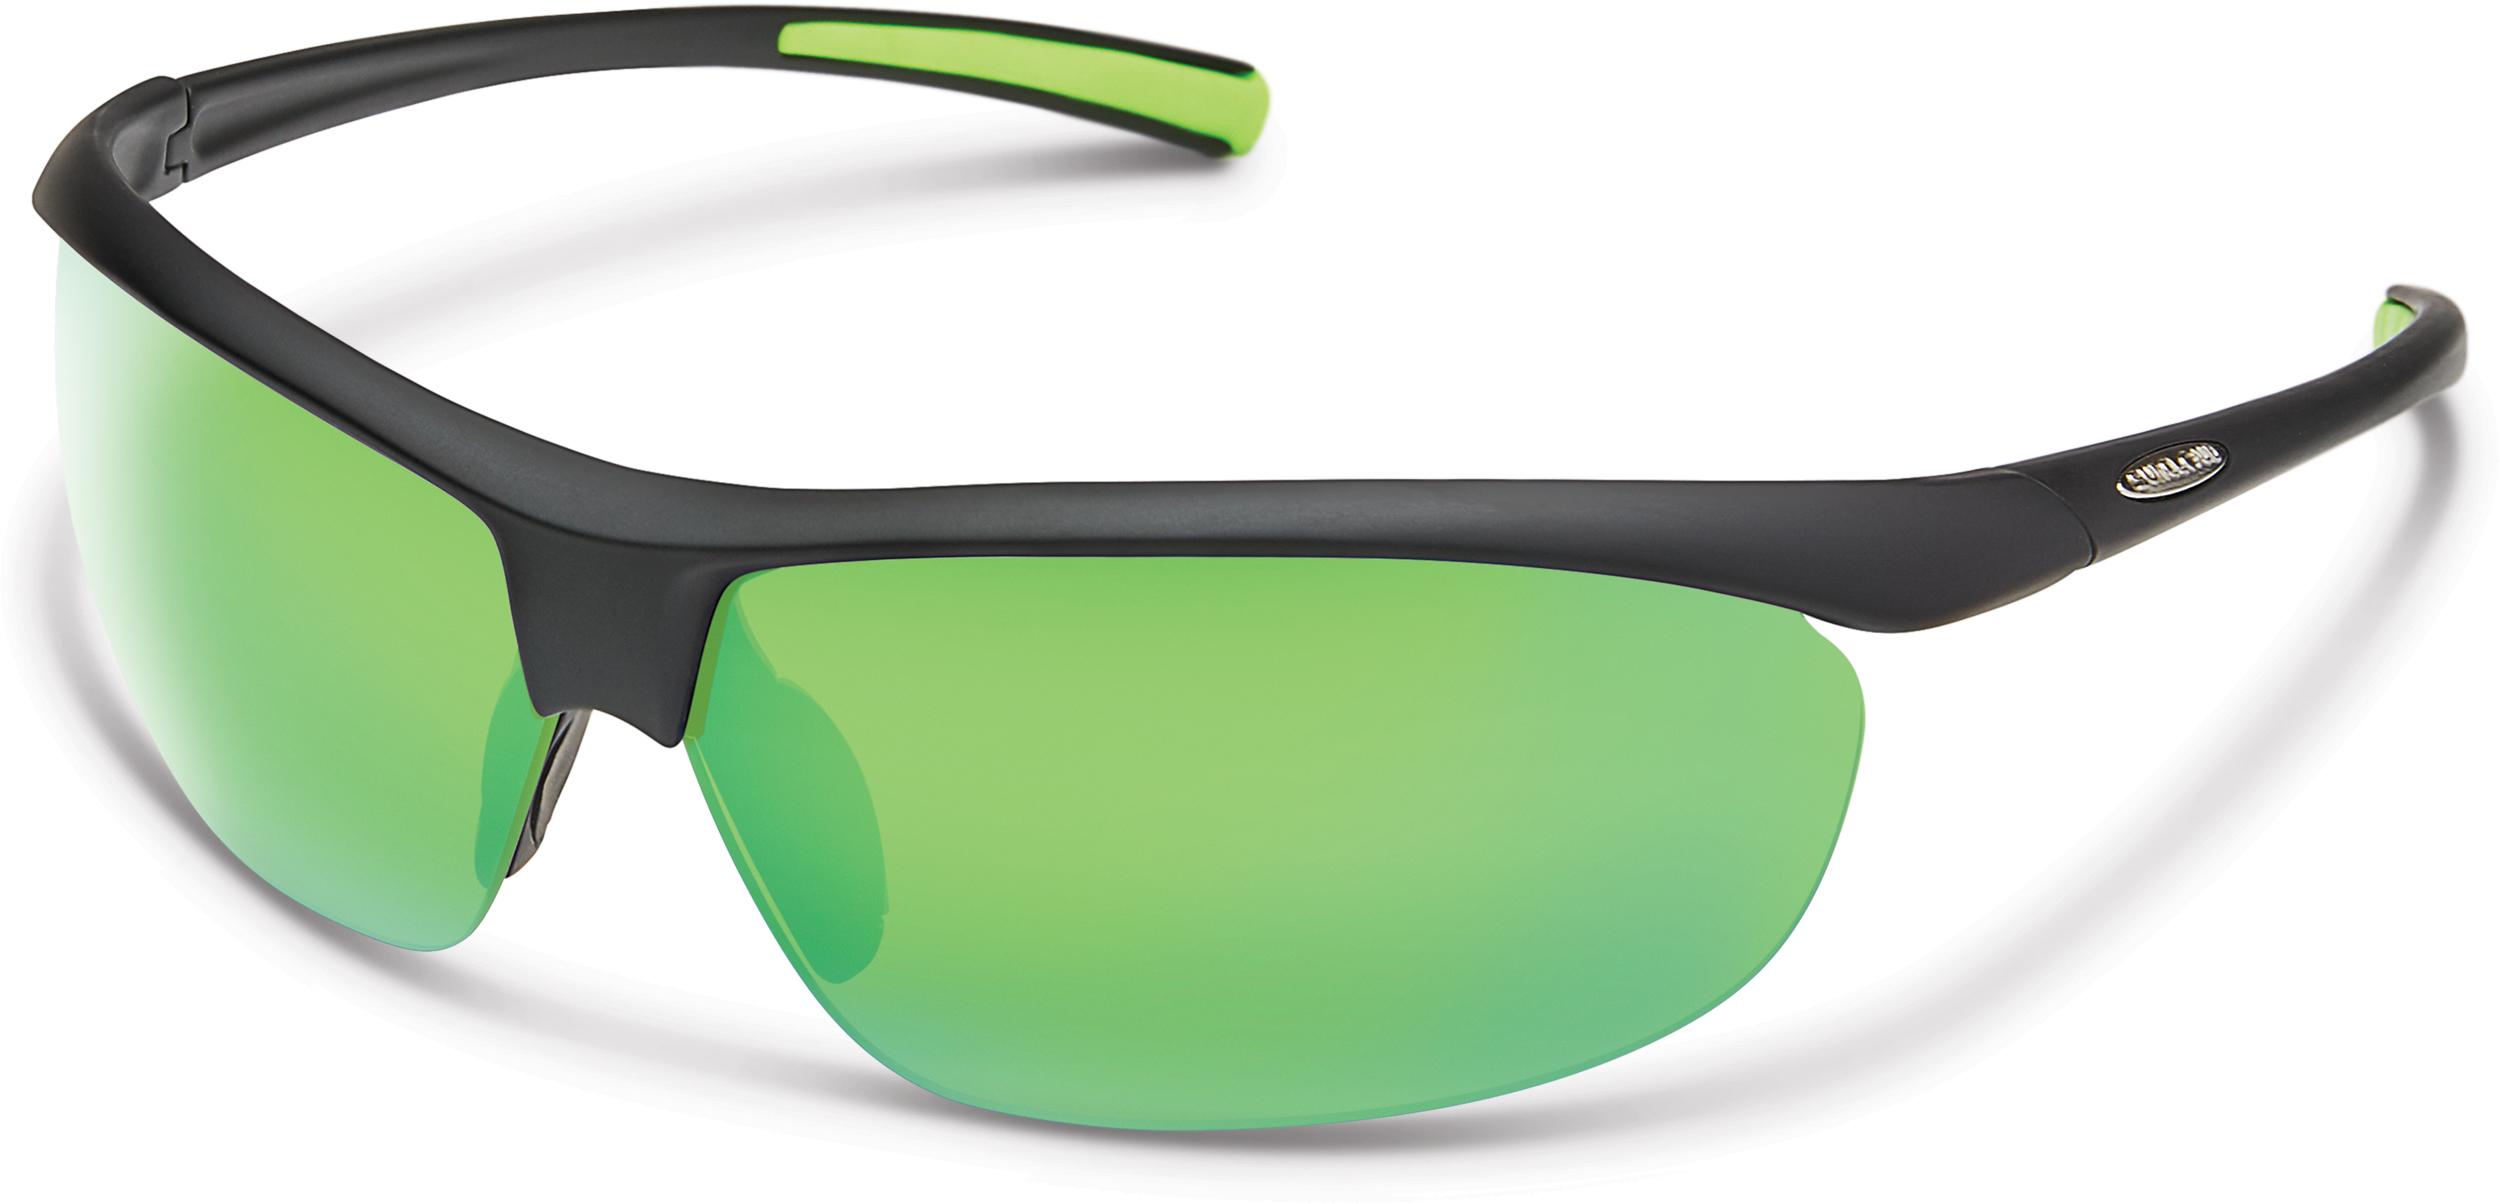 bcd6647a505 Suncloud Zephyr Polarized Sunglasses - Unisex